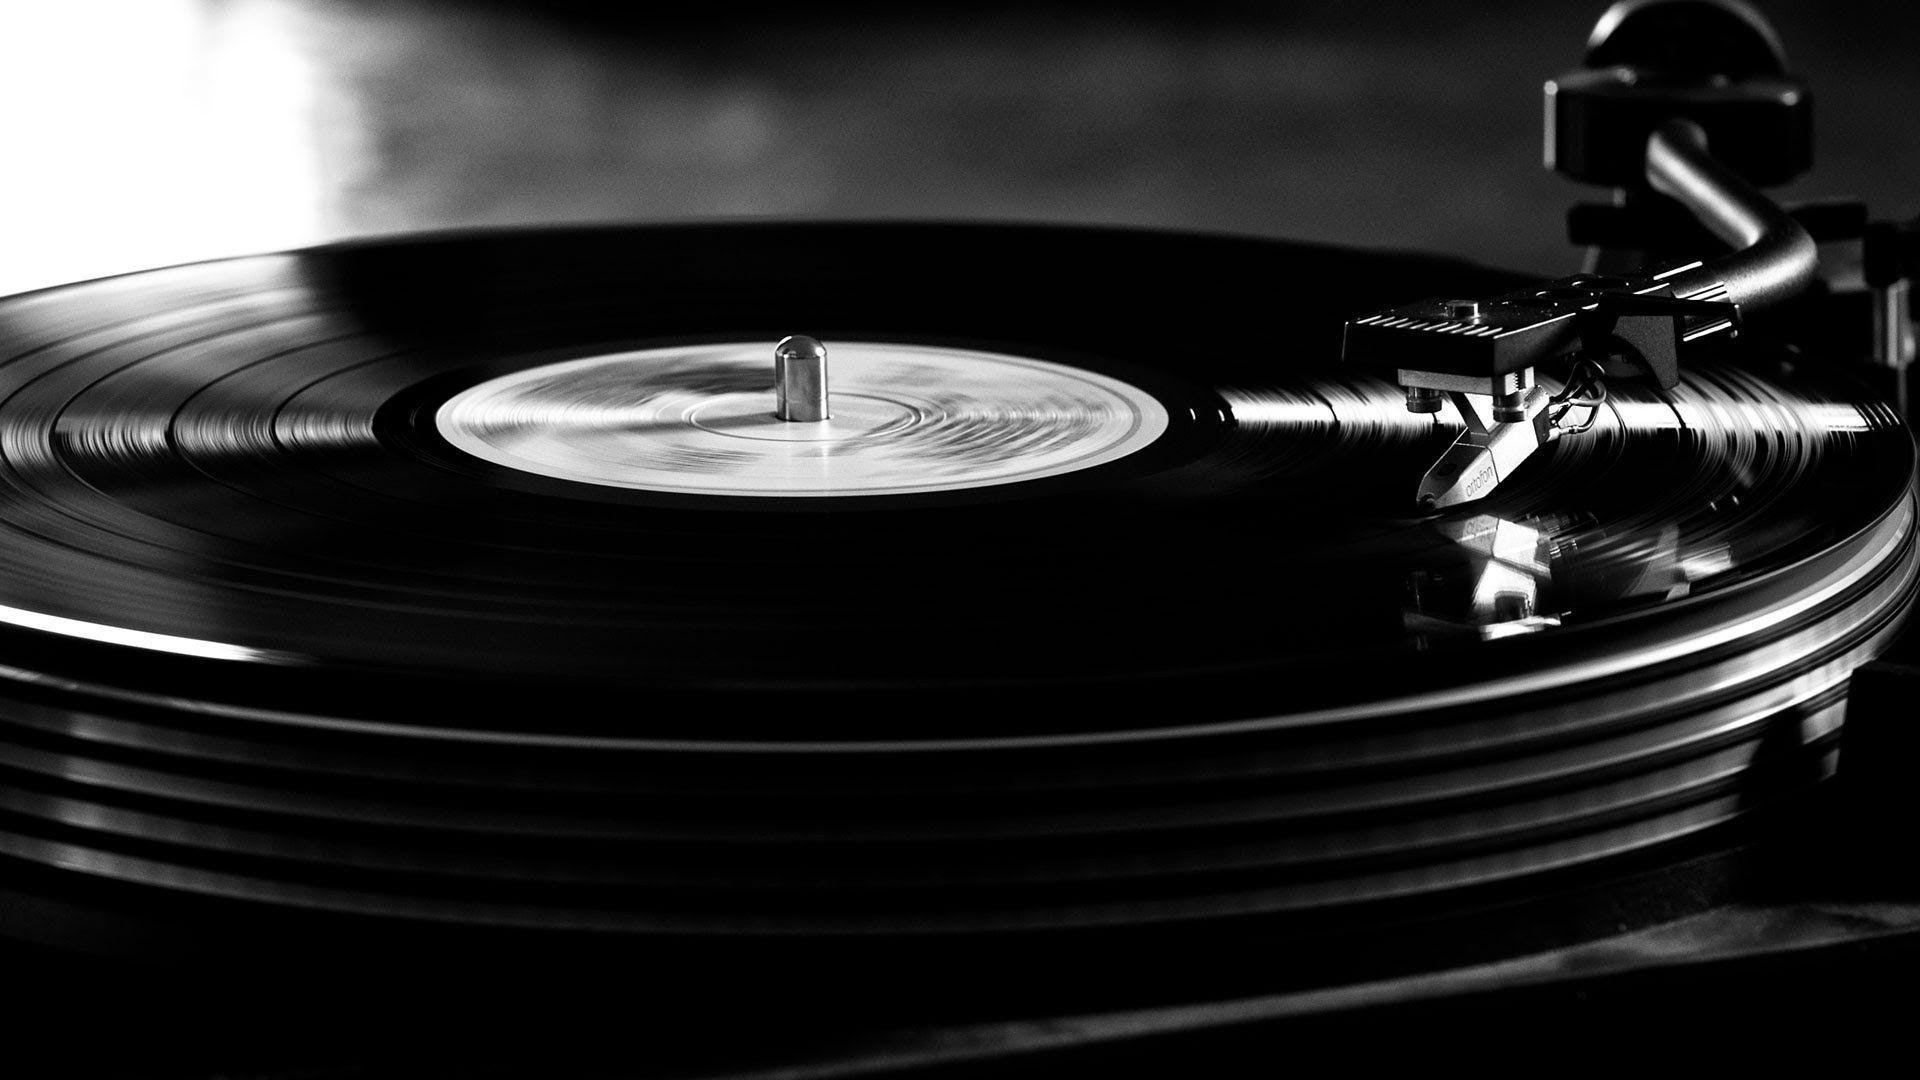 Обои Gramophone, музыка. Музыка foto 19